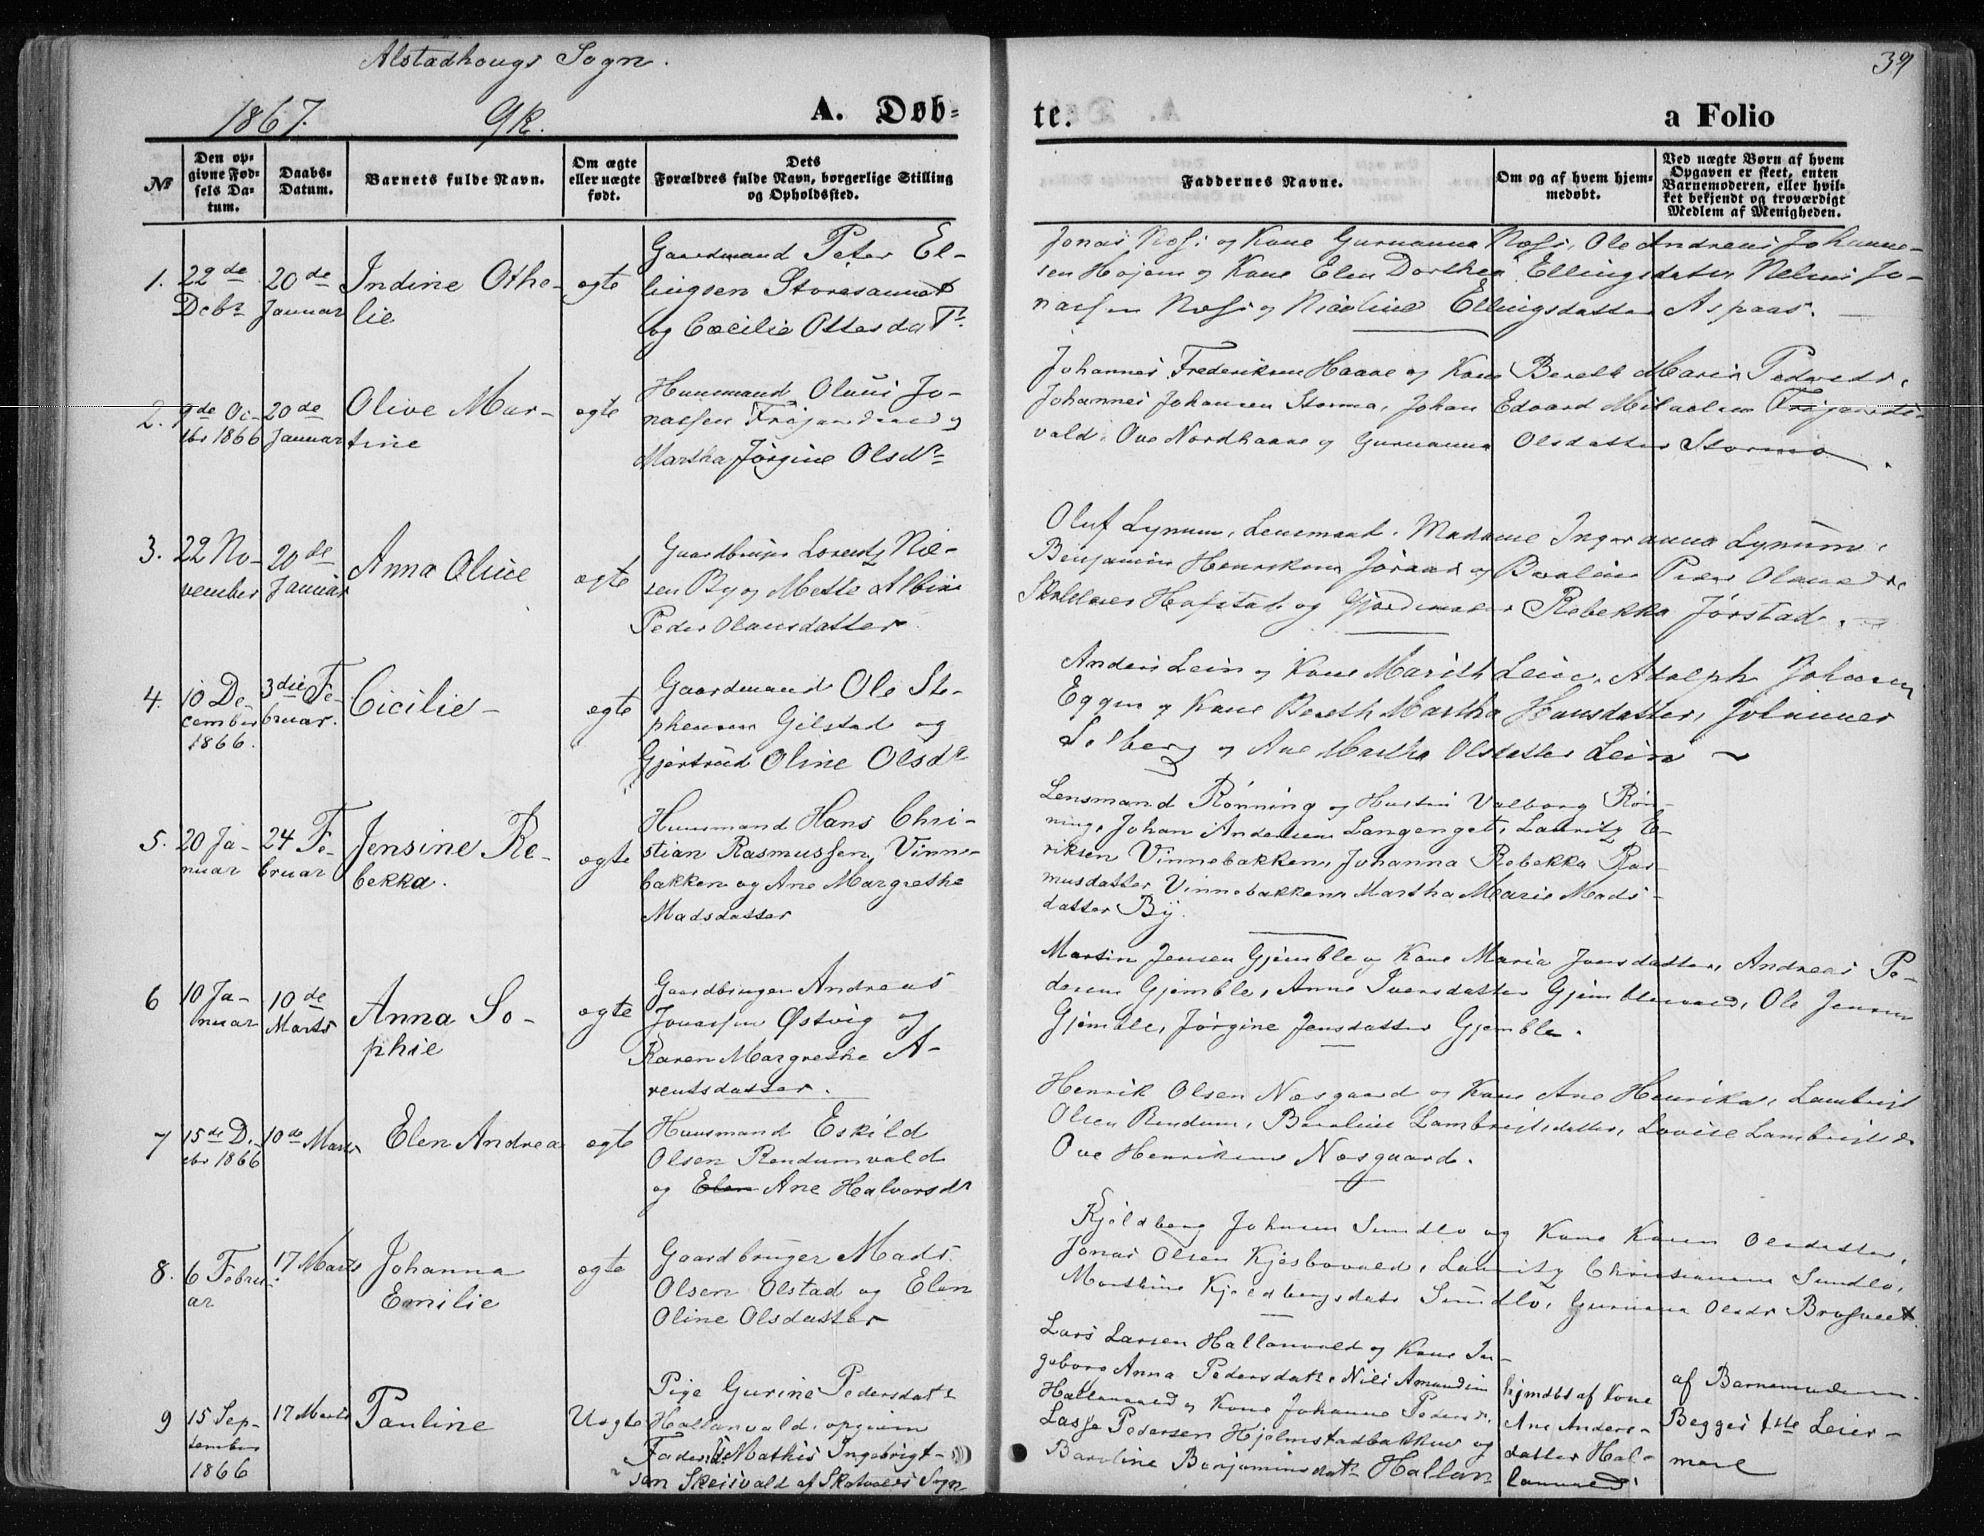 SAT, Ministerialprotokoller, klokkerbøker og fødselsregistre - Nord-Trøndelag, 717/L0157: Ministerialbok nr. 717A08 /1, 1863-1877, s. 39